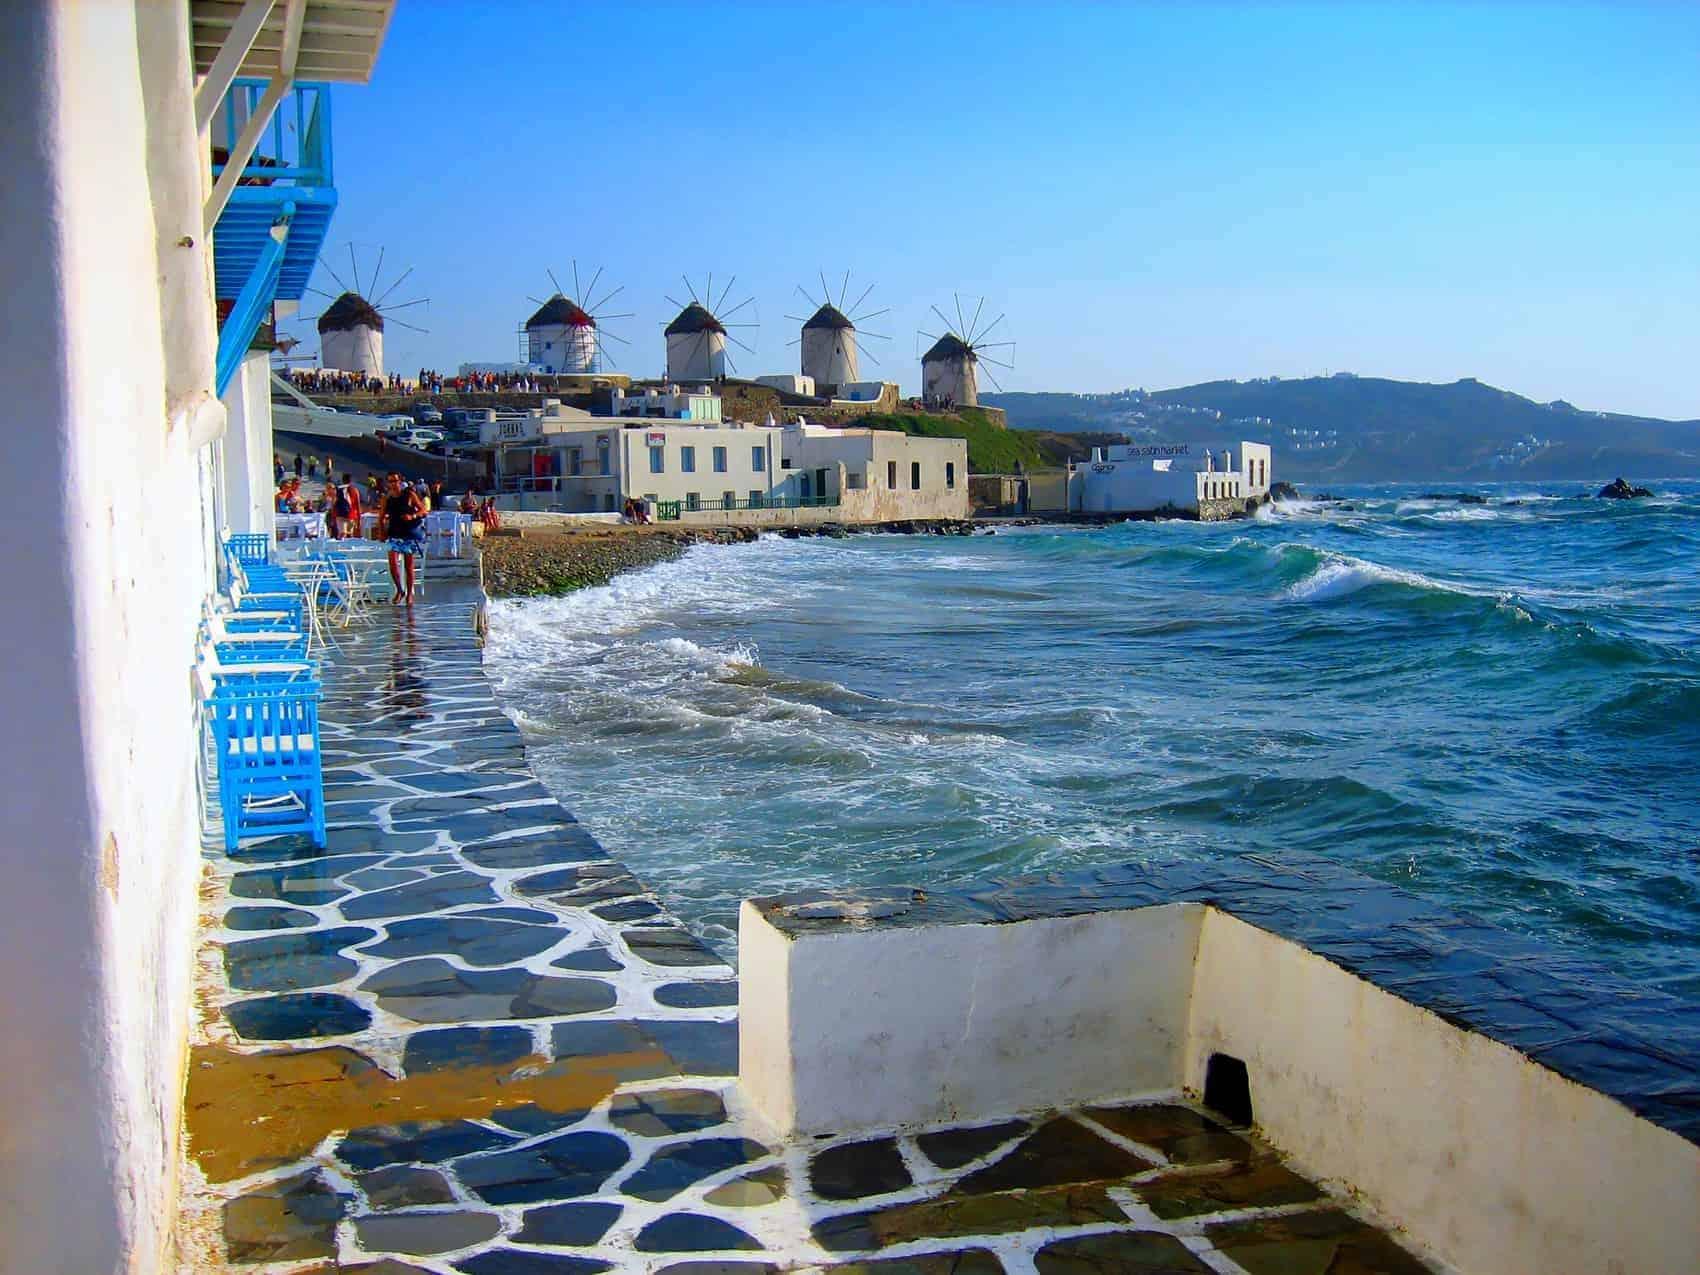 Græske øer. Vindmøllerne på Mykonos, Kykladerne